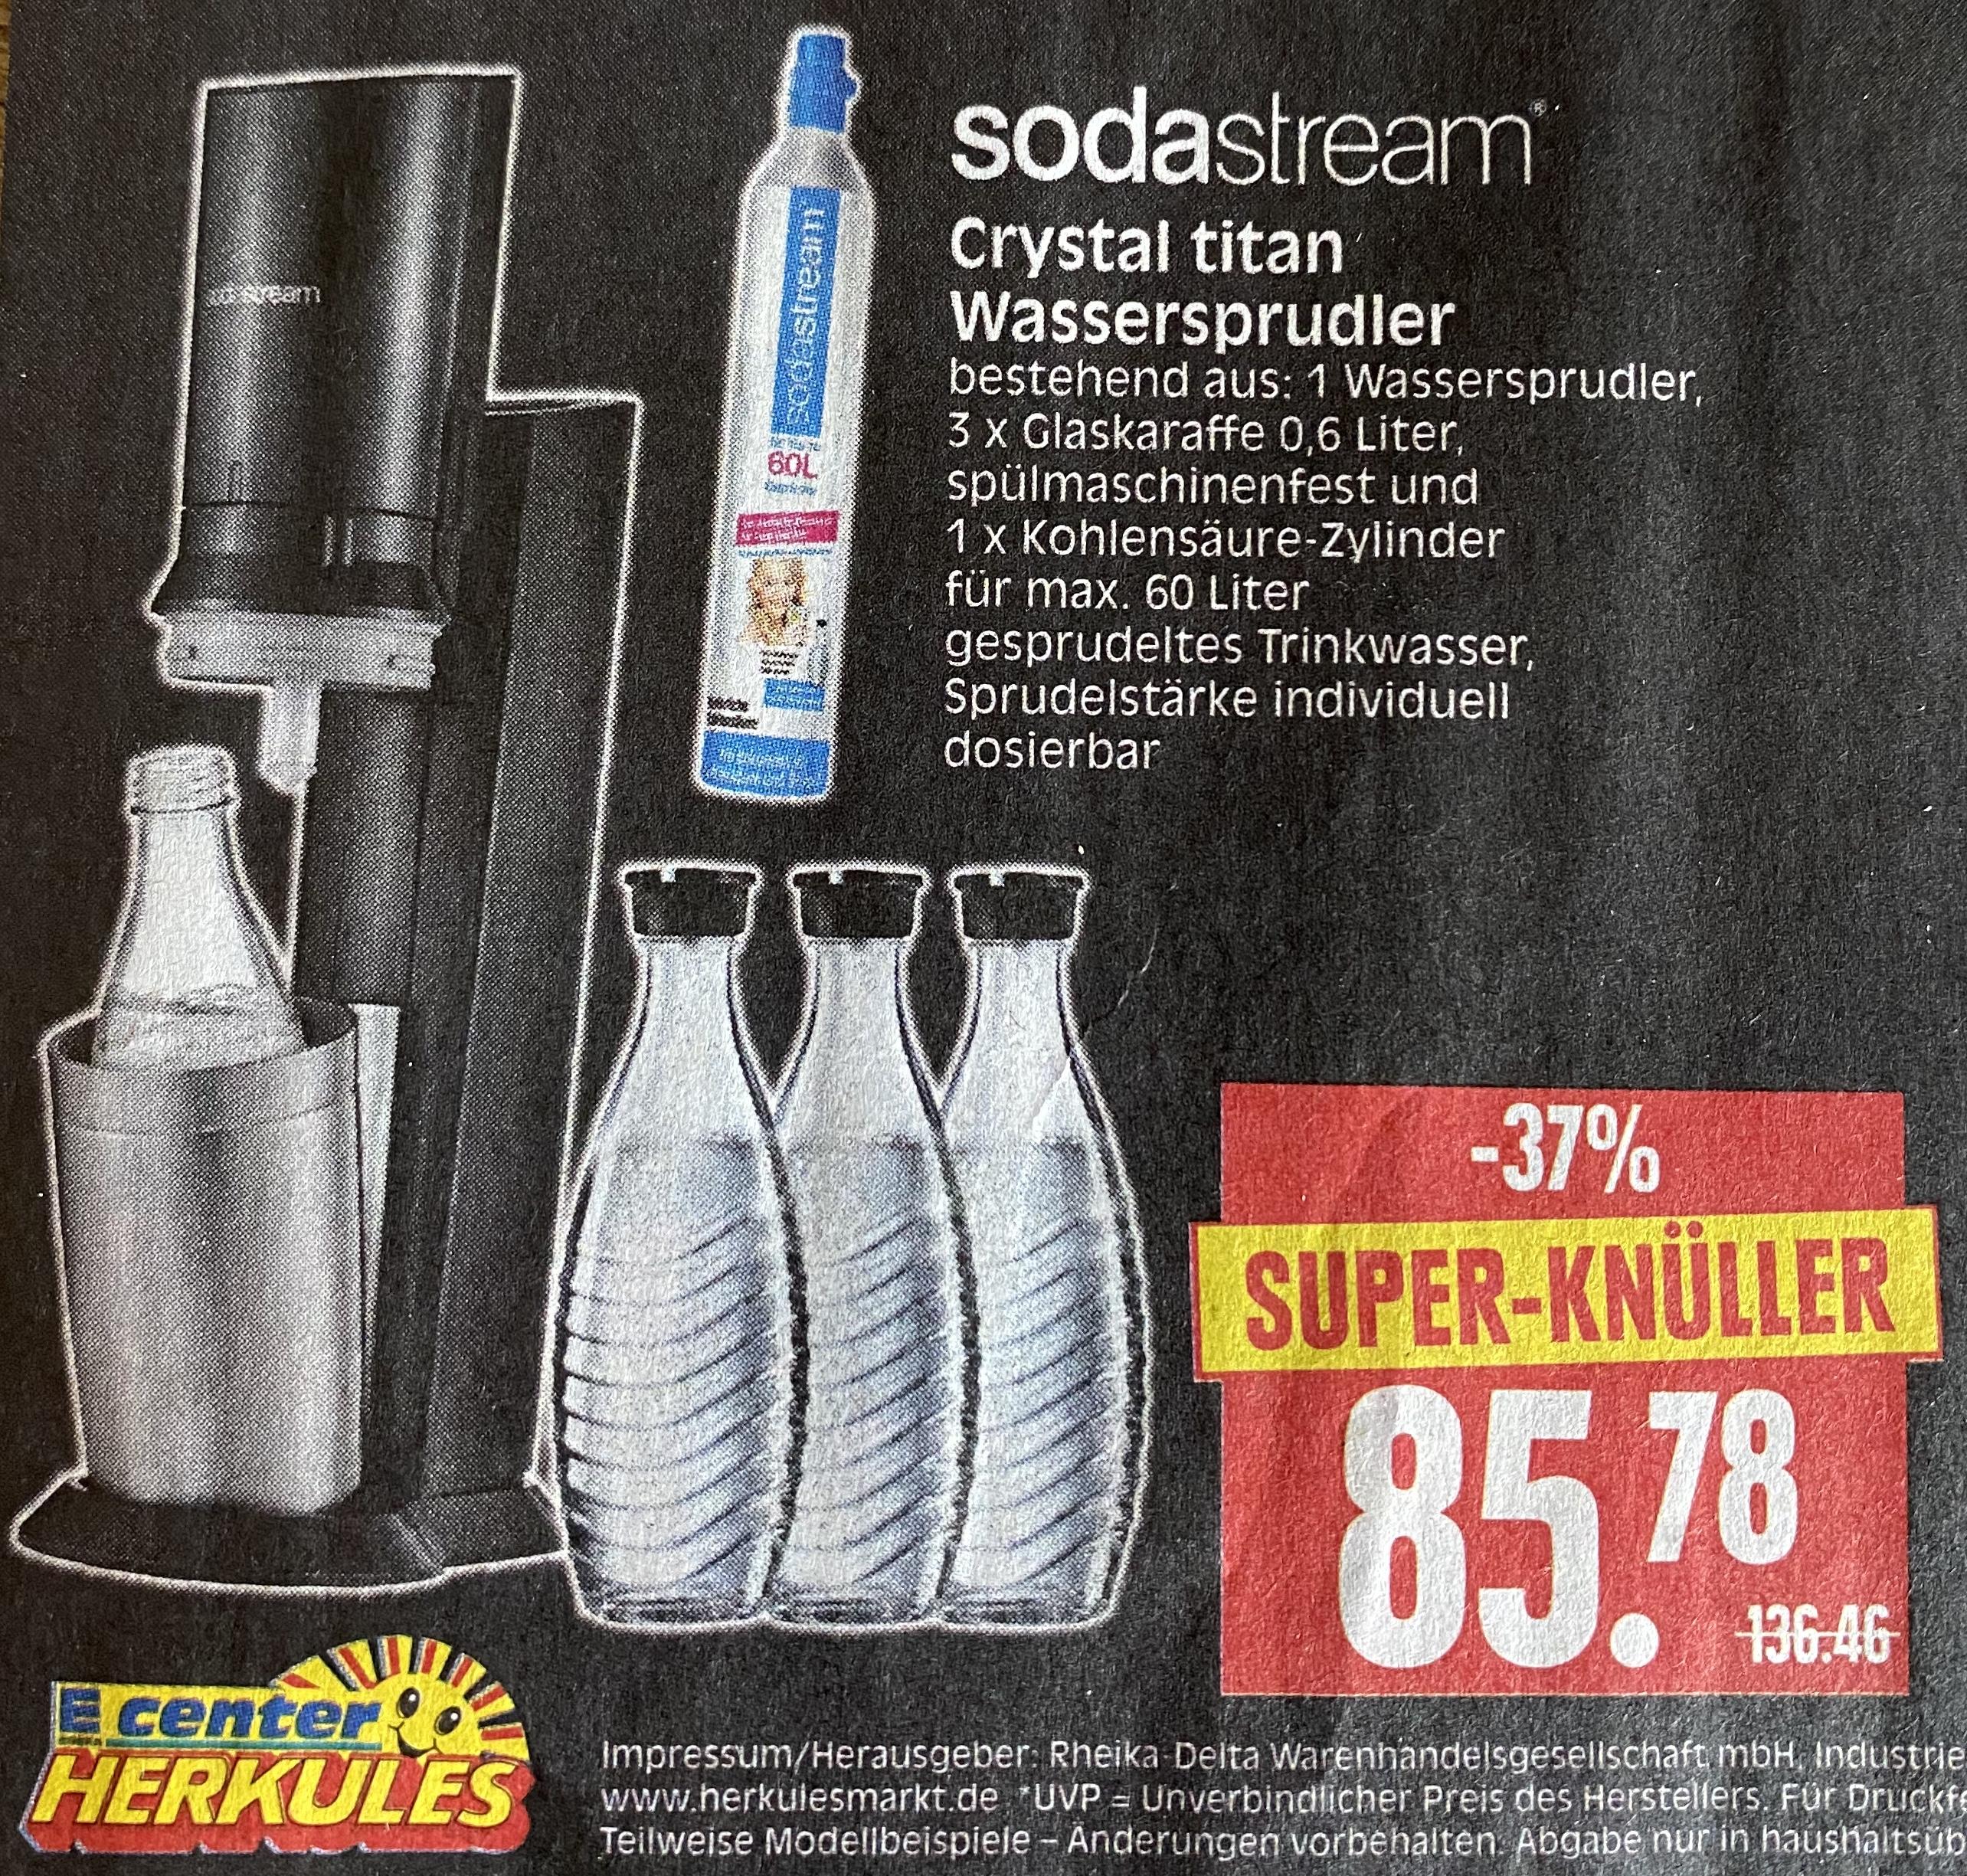 [Herkules Märkte] sodastream Crystal titan mit 3 Glaskaraffen und Zylinder